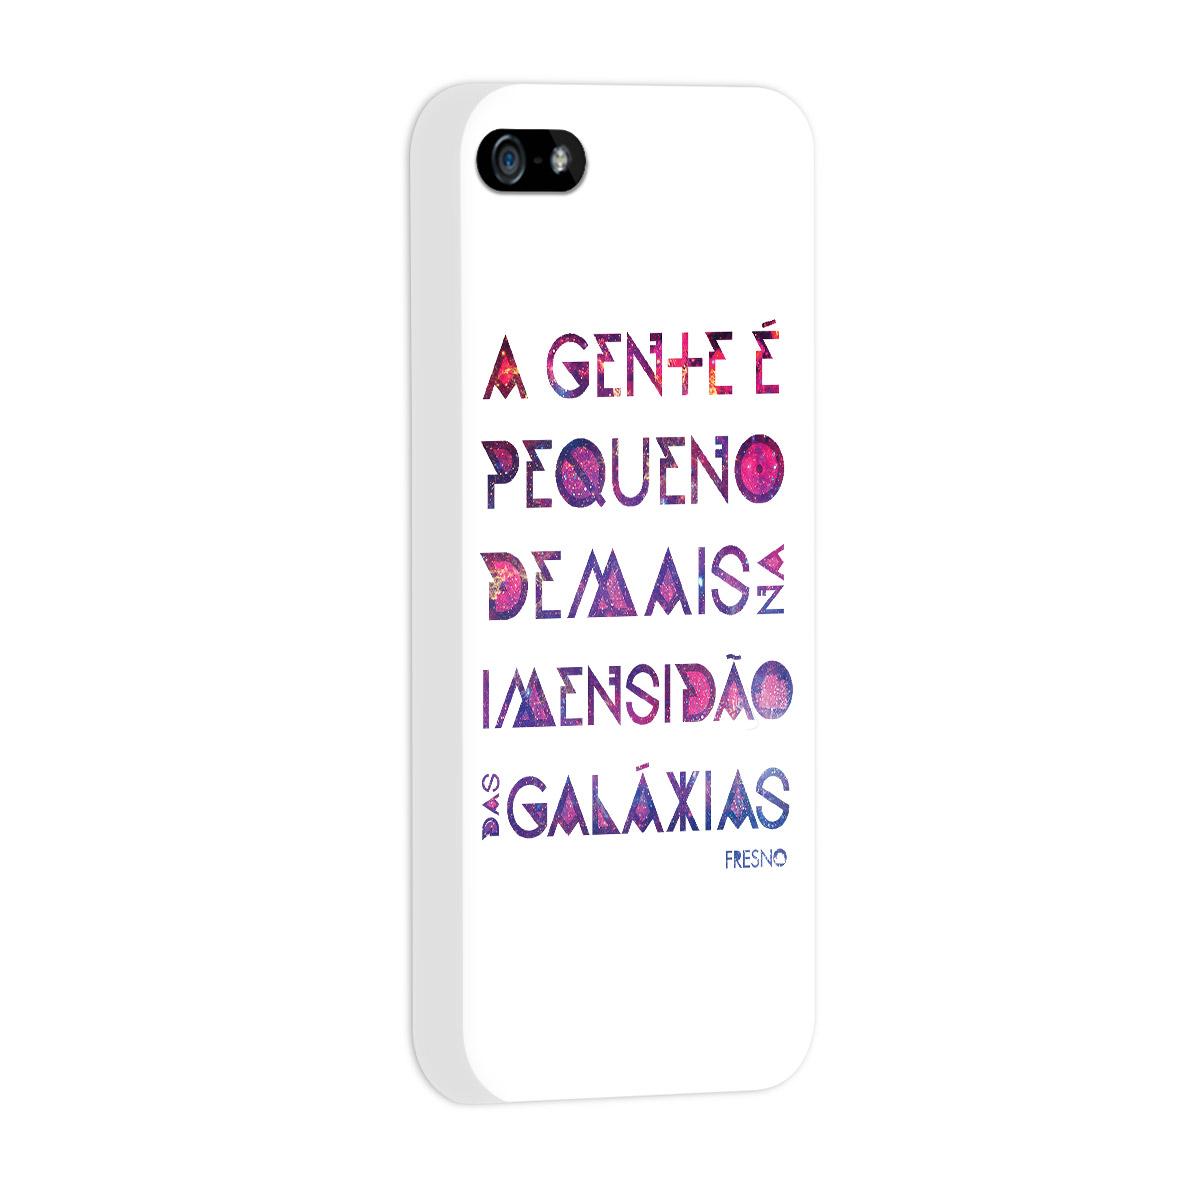 Capa de iPhone 5/5S Fresno Galáxias